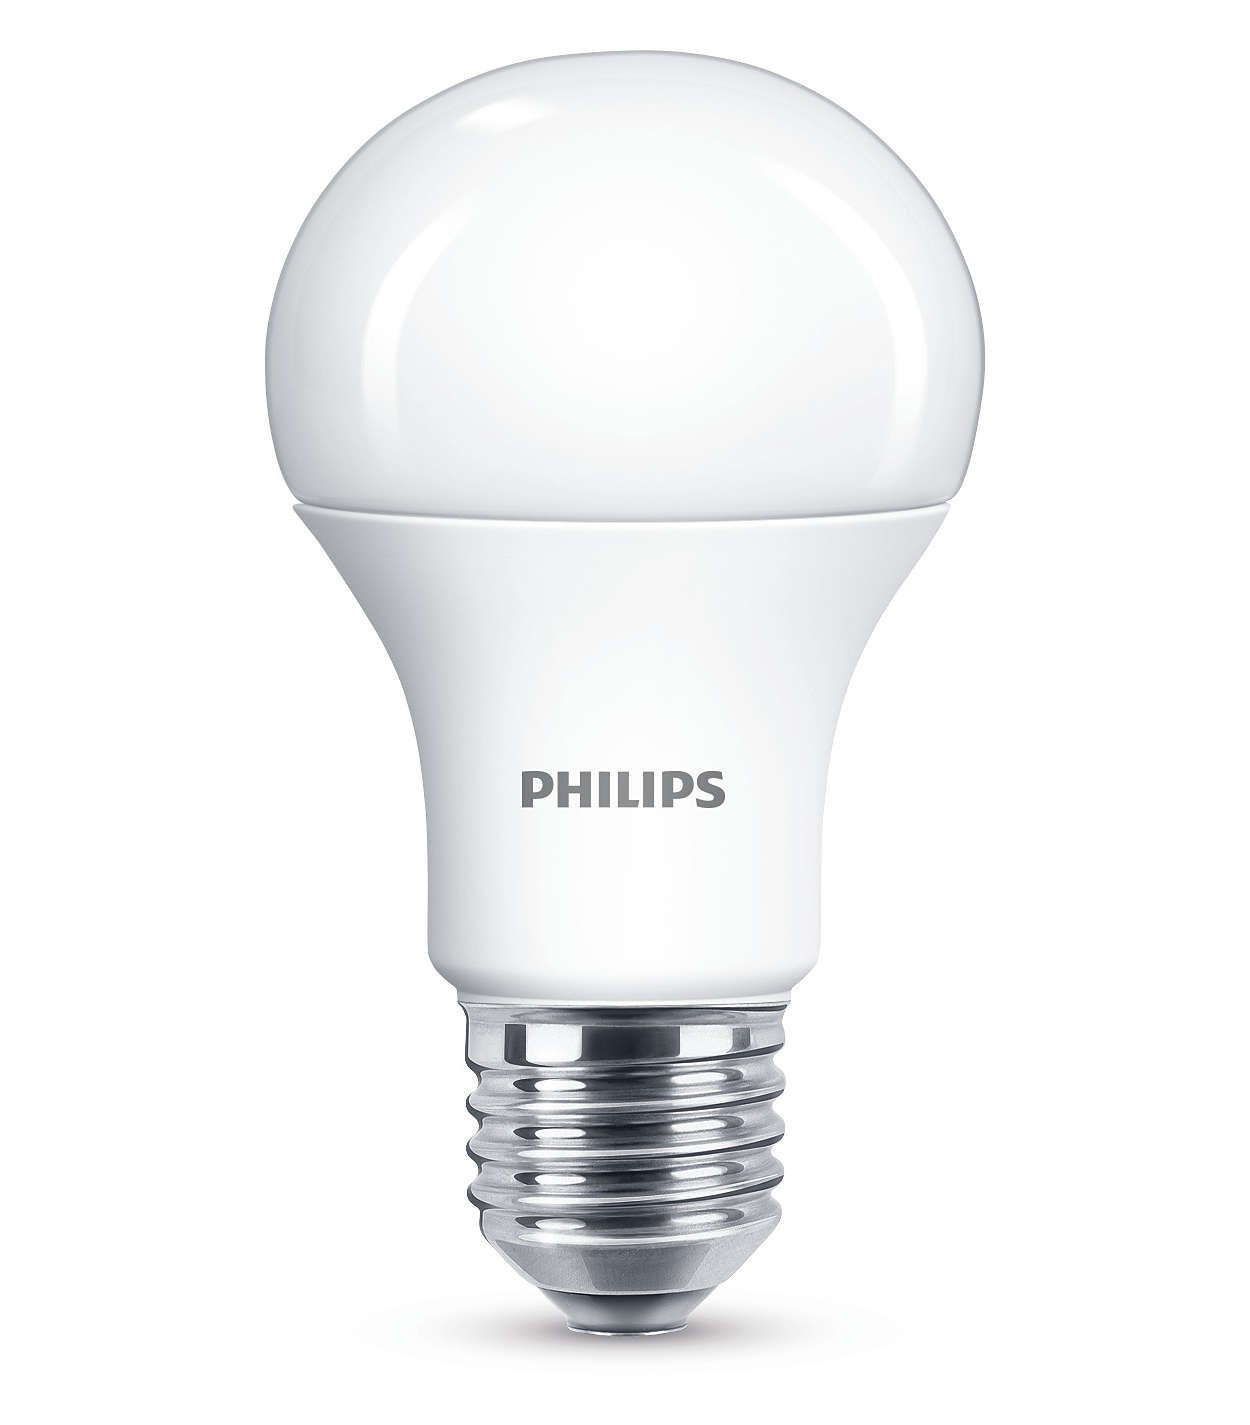 Svijetlo bijelo svjetlo, bez kompromisa po pitanju kvalitete